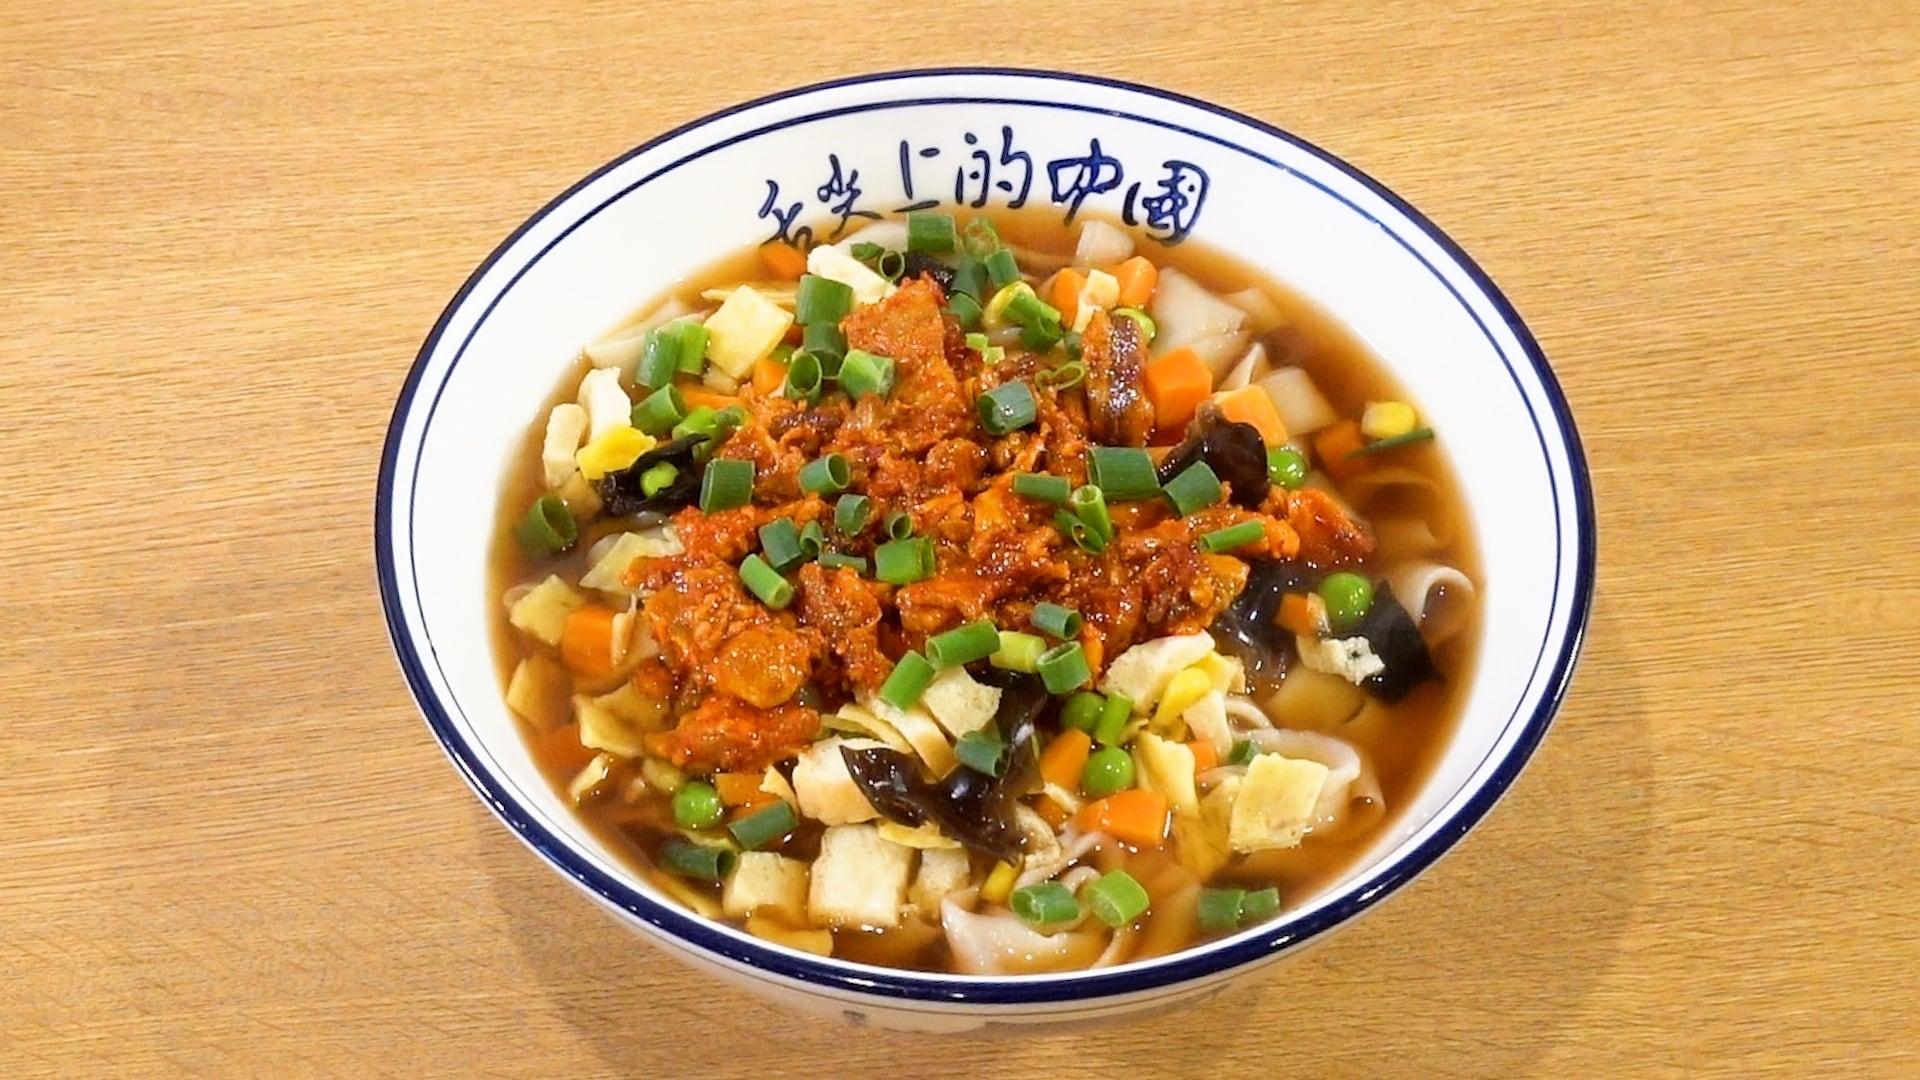 【麺打ち済】岐山臊子麺(チーシャンサオズメン)